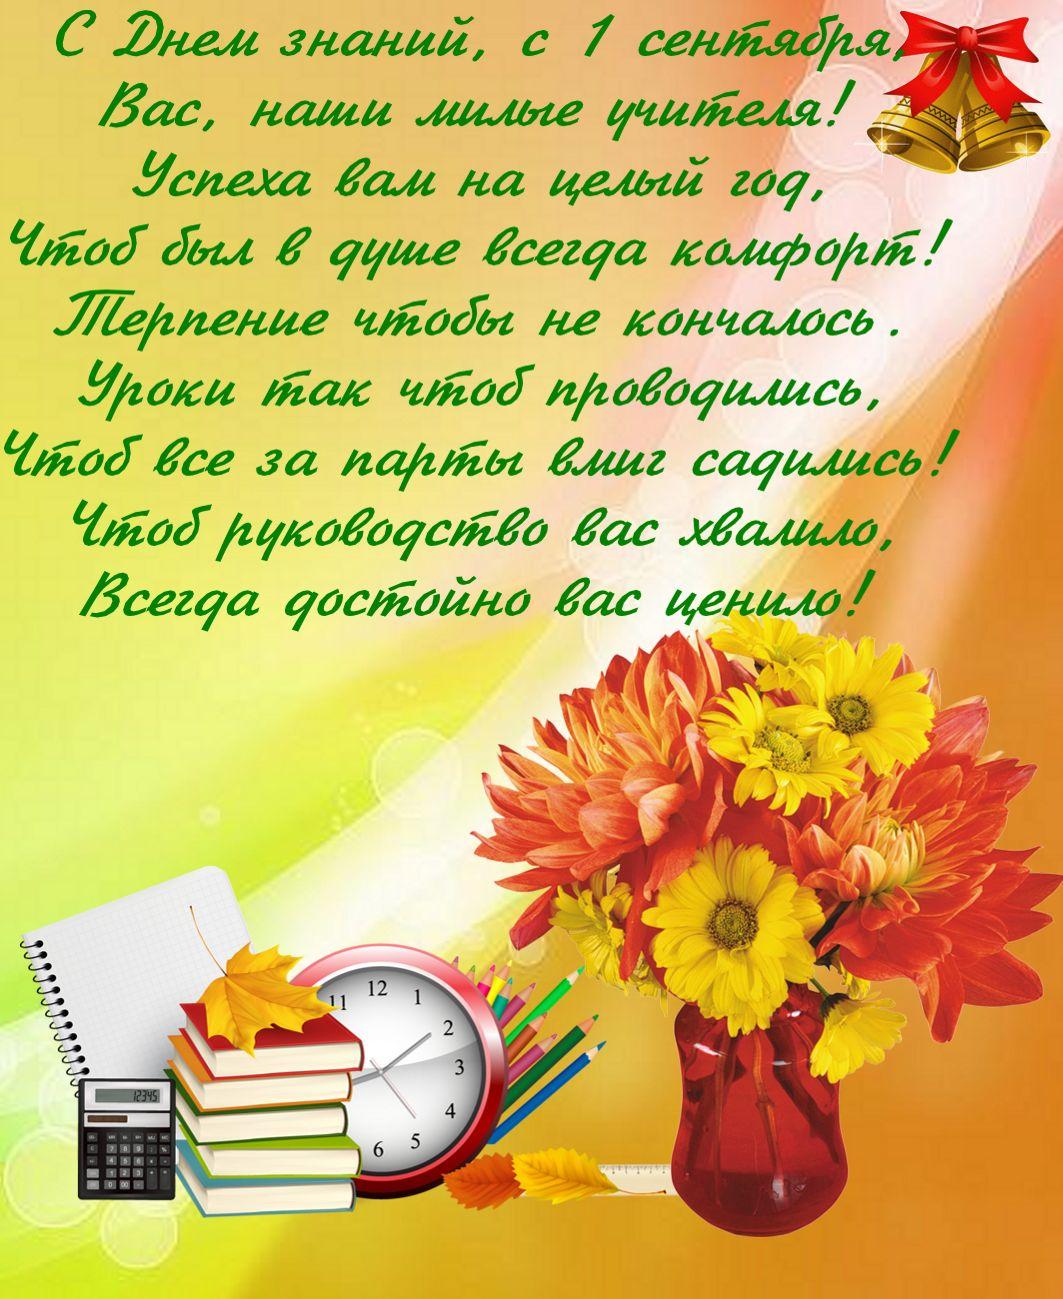 Поздравление учителям в прозе с днем знаний